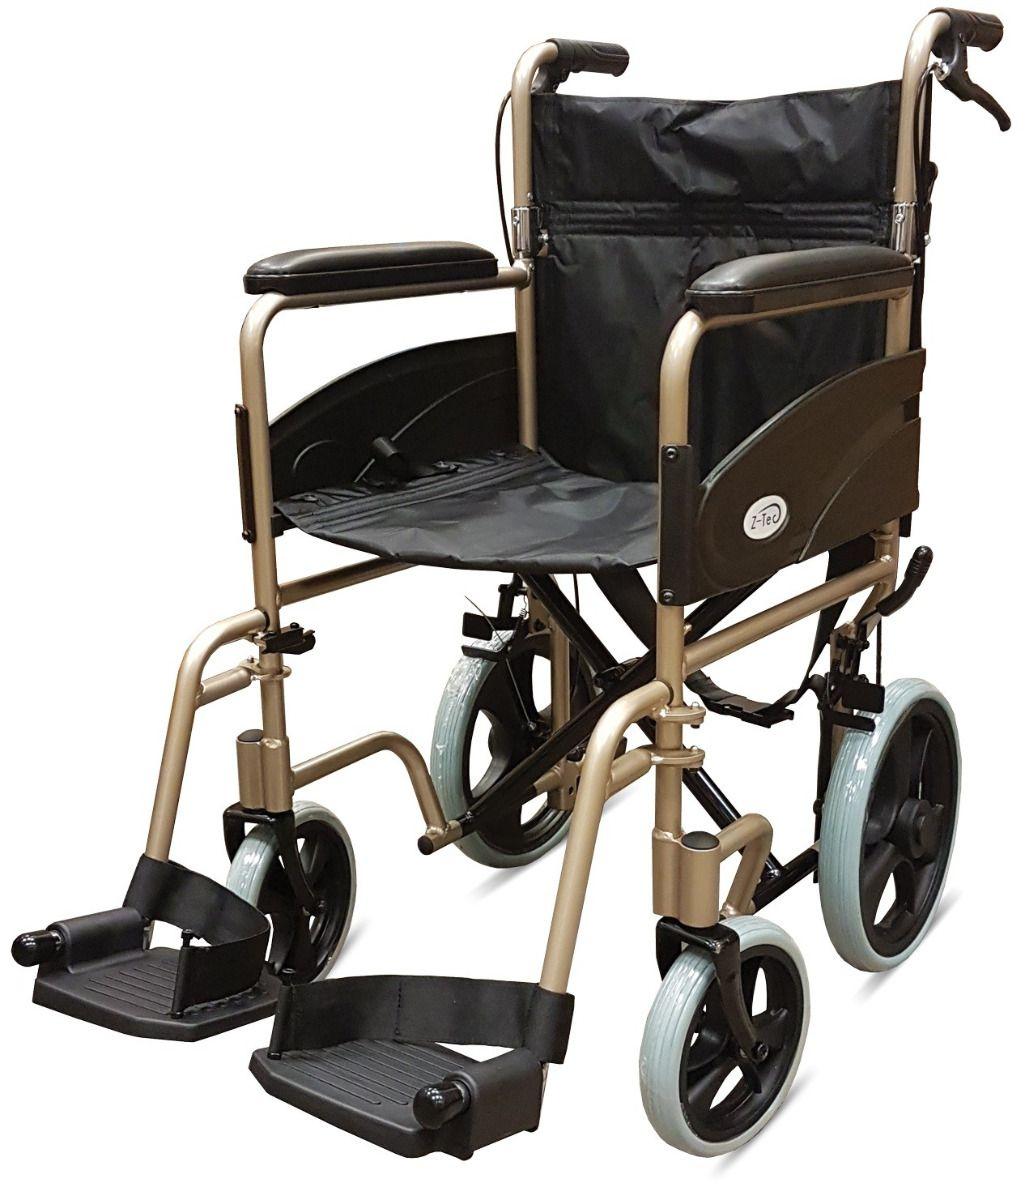 Z-Tec 601X Aluminium Transit Wheelchair in champagne colour frame